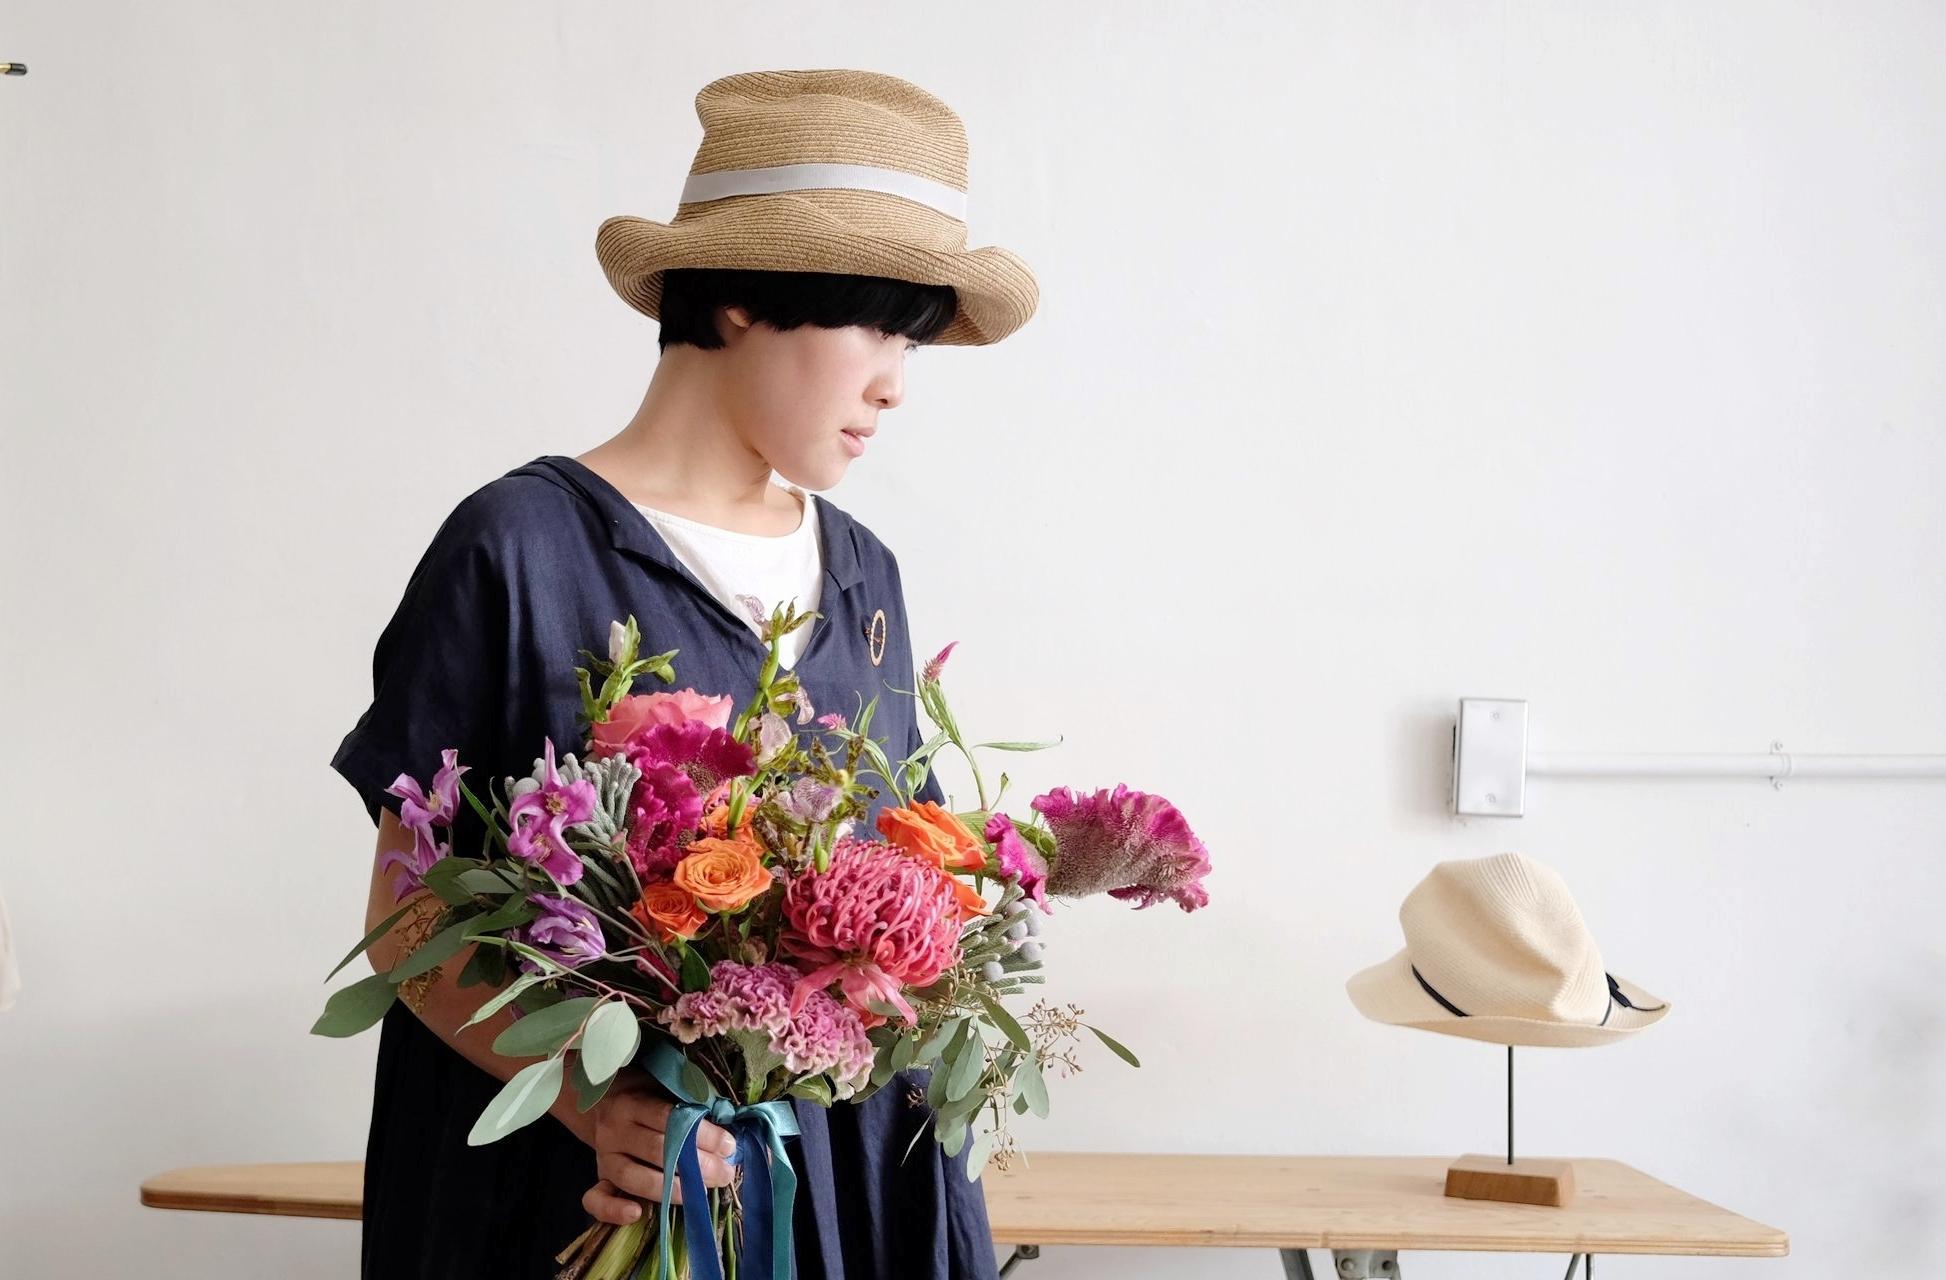 Wedding Flowers   還記得在八月時就收到了新娘好友的訊息,興奮地說要訂捧花送給好友,好幸福的新娘啊!有這麼用心的朋友為妳興奮,他們說妳是個時尚又有個性的新娘,明天是你和法國先生的重要日子,很開心麓能為你們設計捧花和胸花,希望把大家的心意和祝福都一起綁緊送給你們。